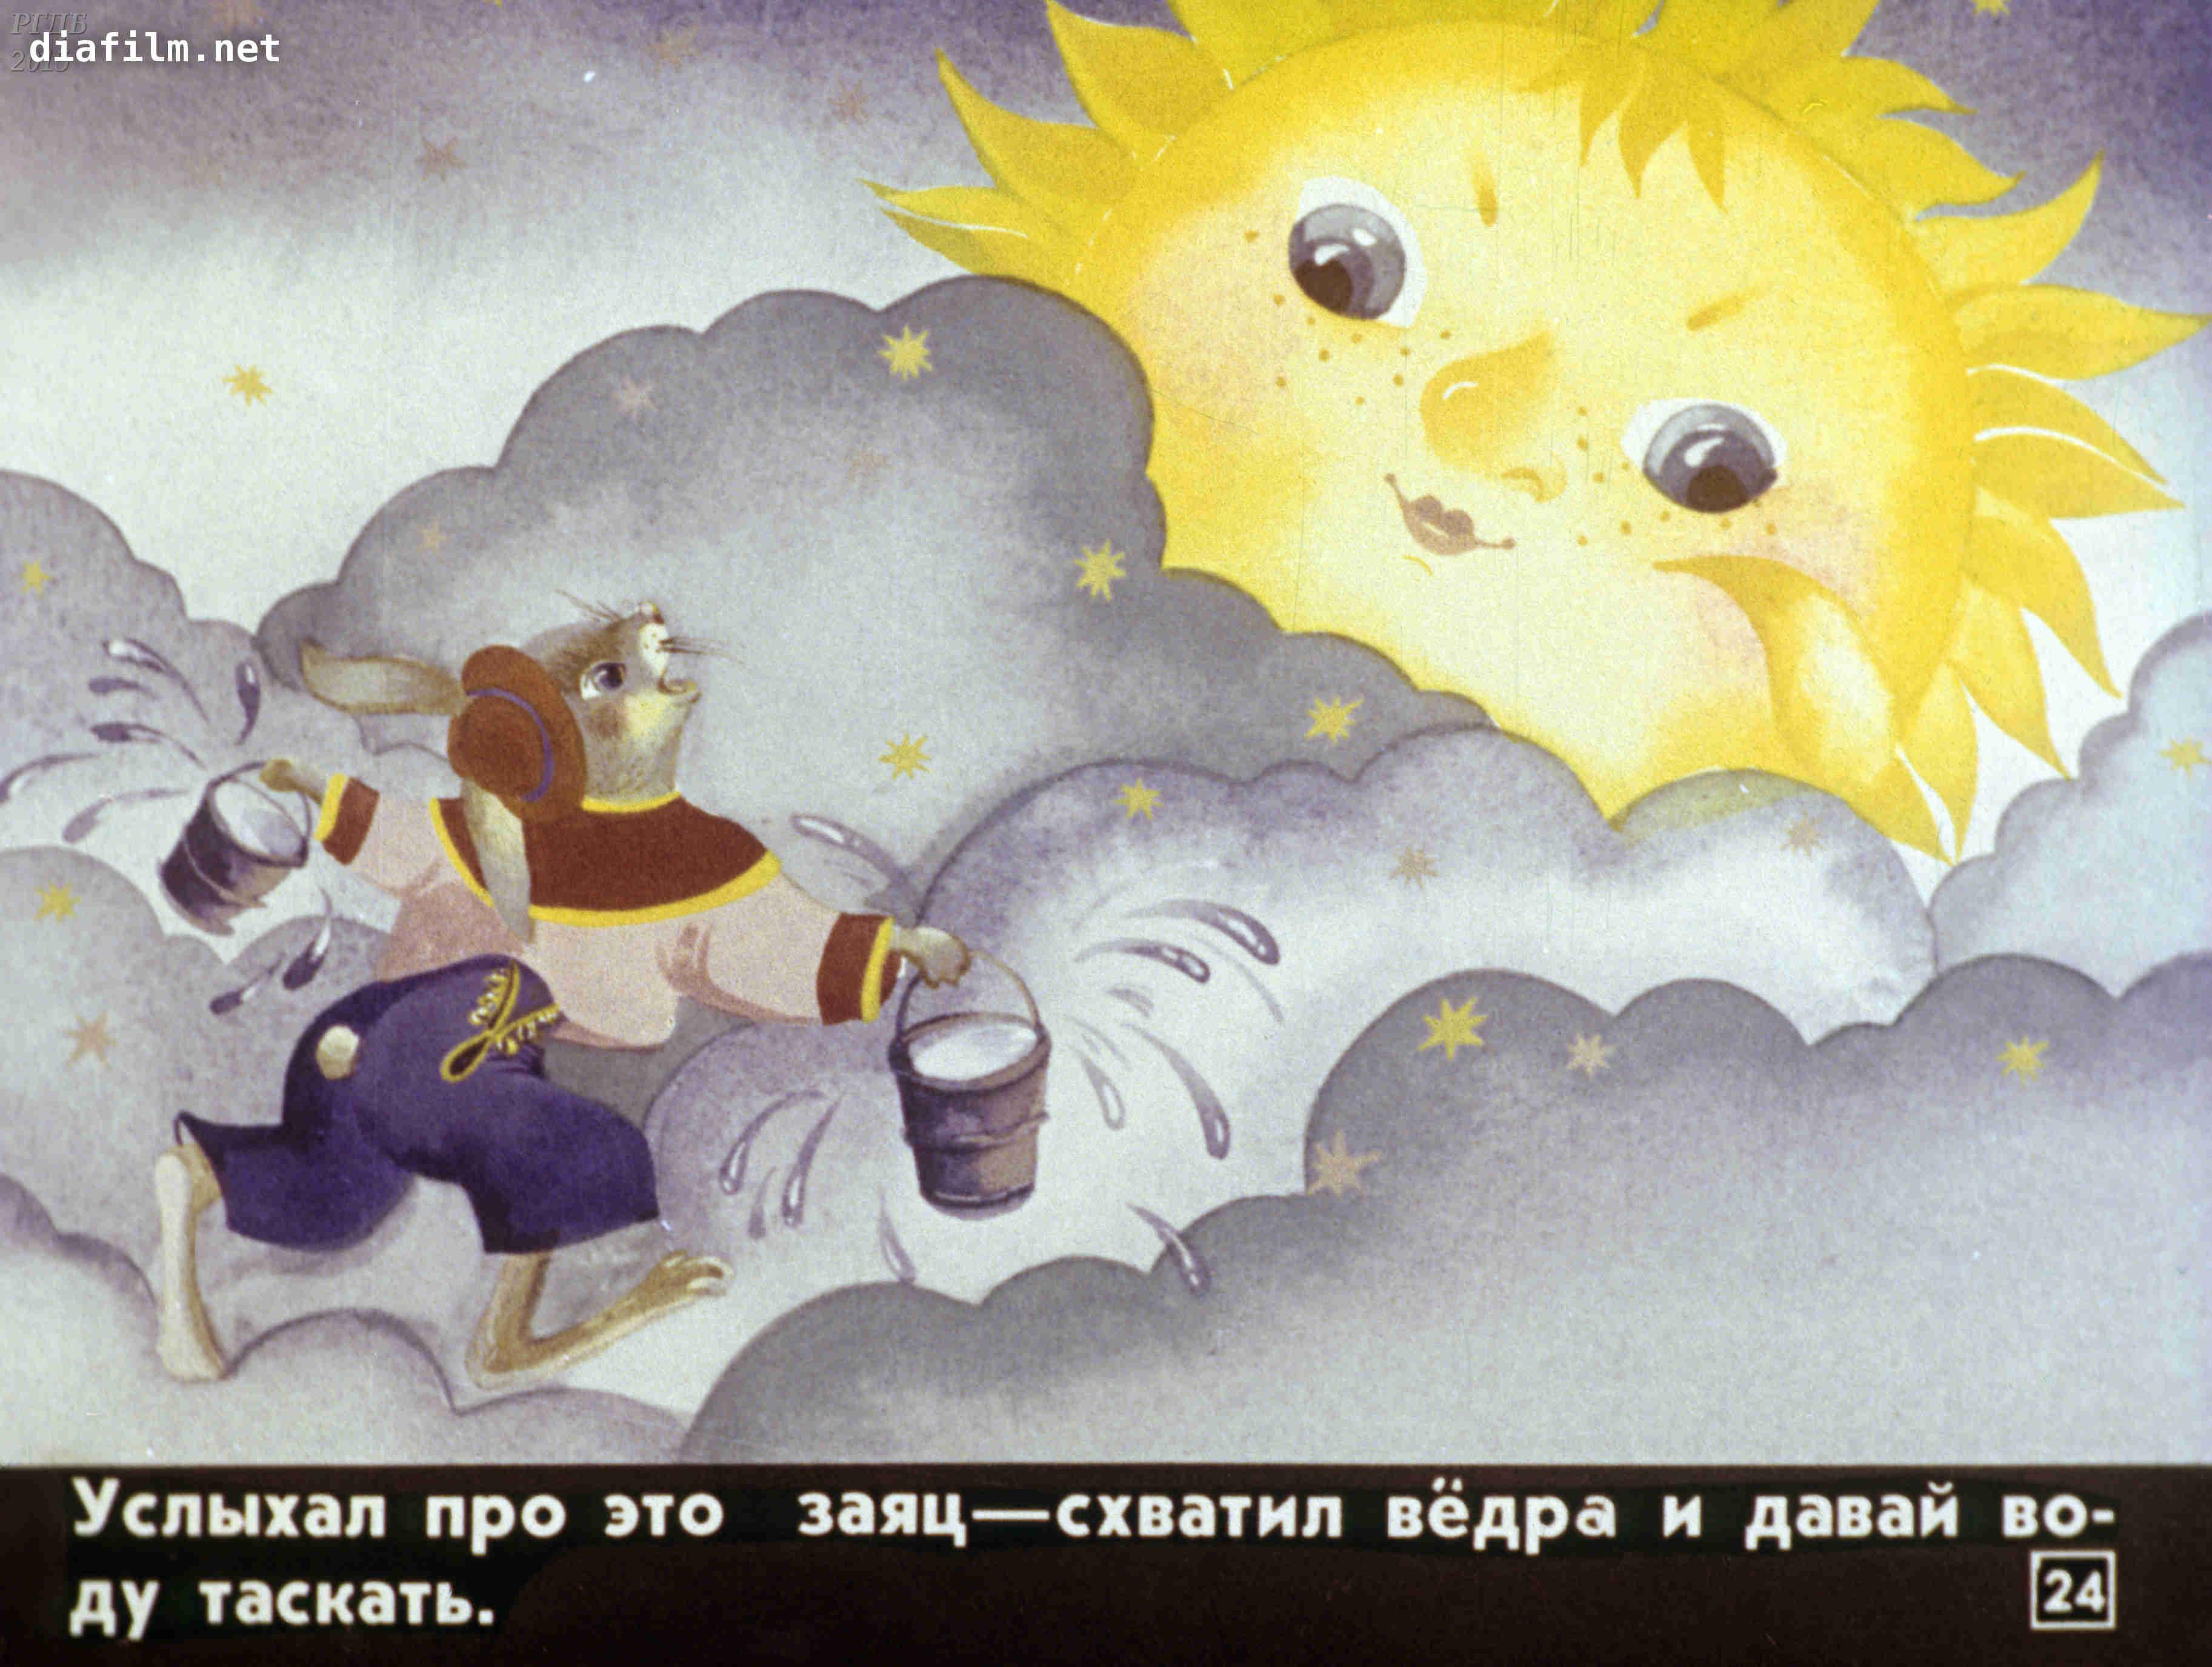 сказка про солнышко в картинках анжелики